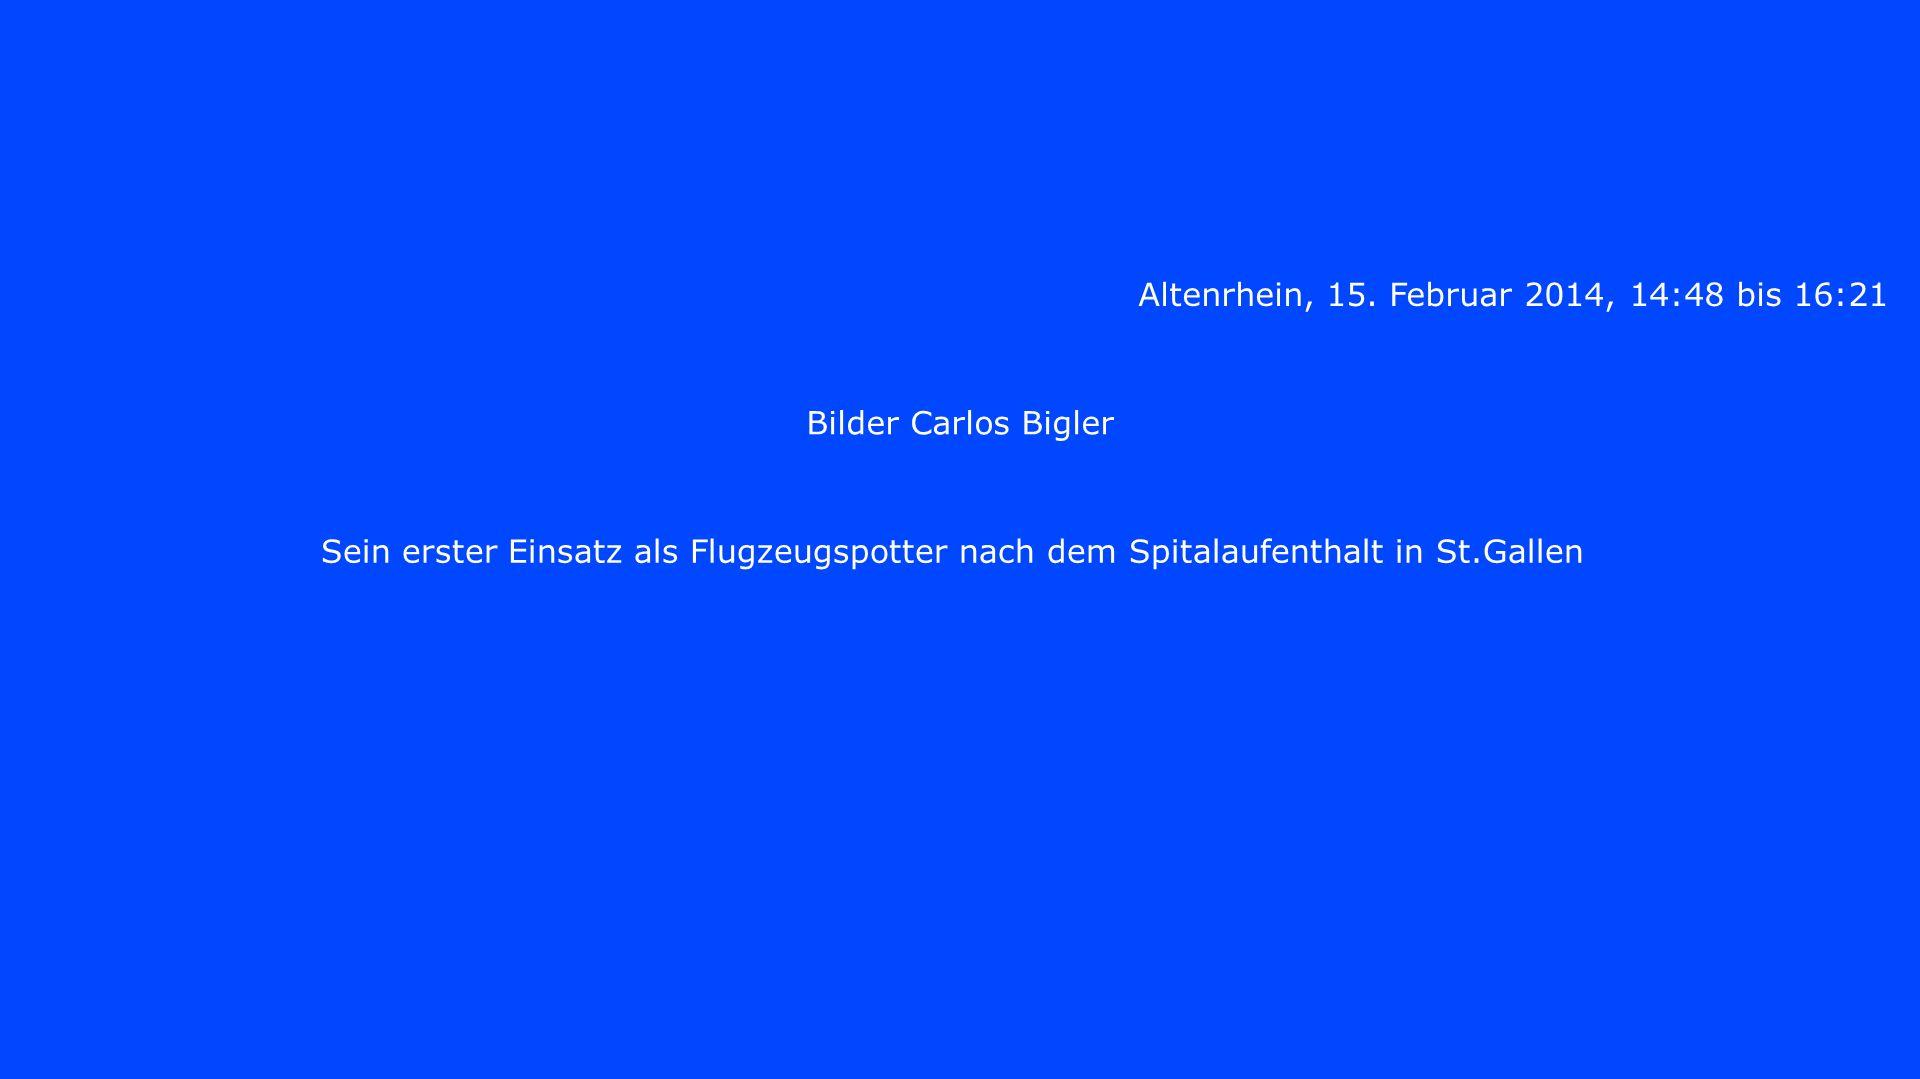 Altenrhein, 15. Februar 2014, 14:48 bis 16:21 Bilder Carlos Bigler Sein erster Einsatz als Flugzeugspotter nach dem Spitalaufenthalt in St.Gallen